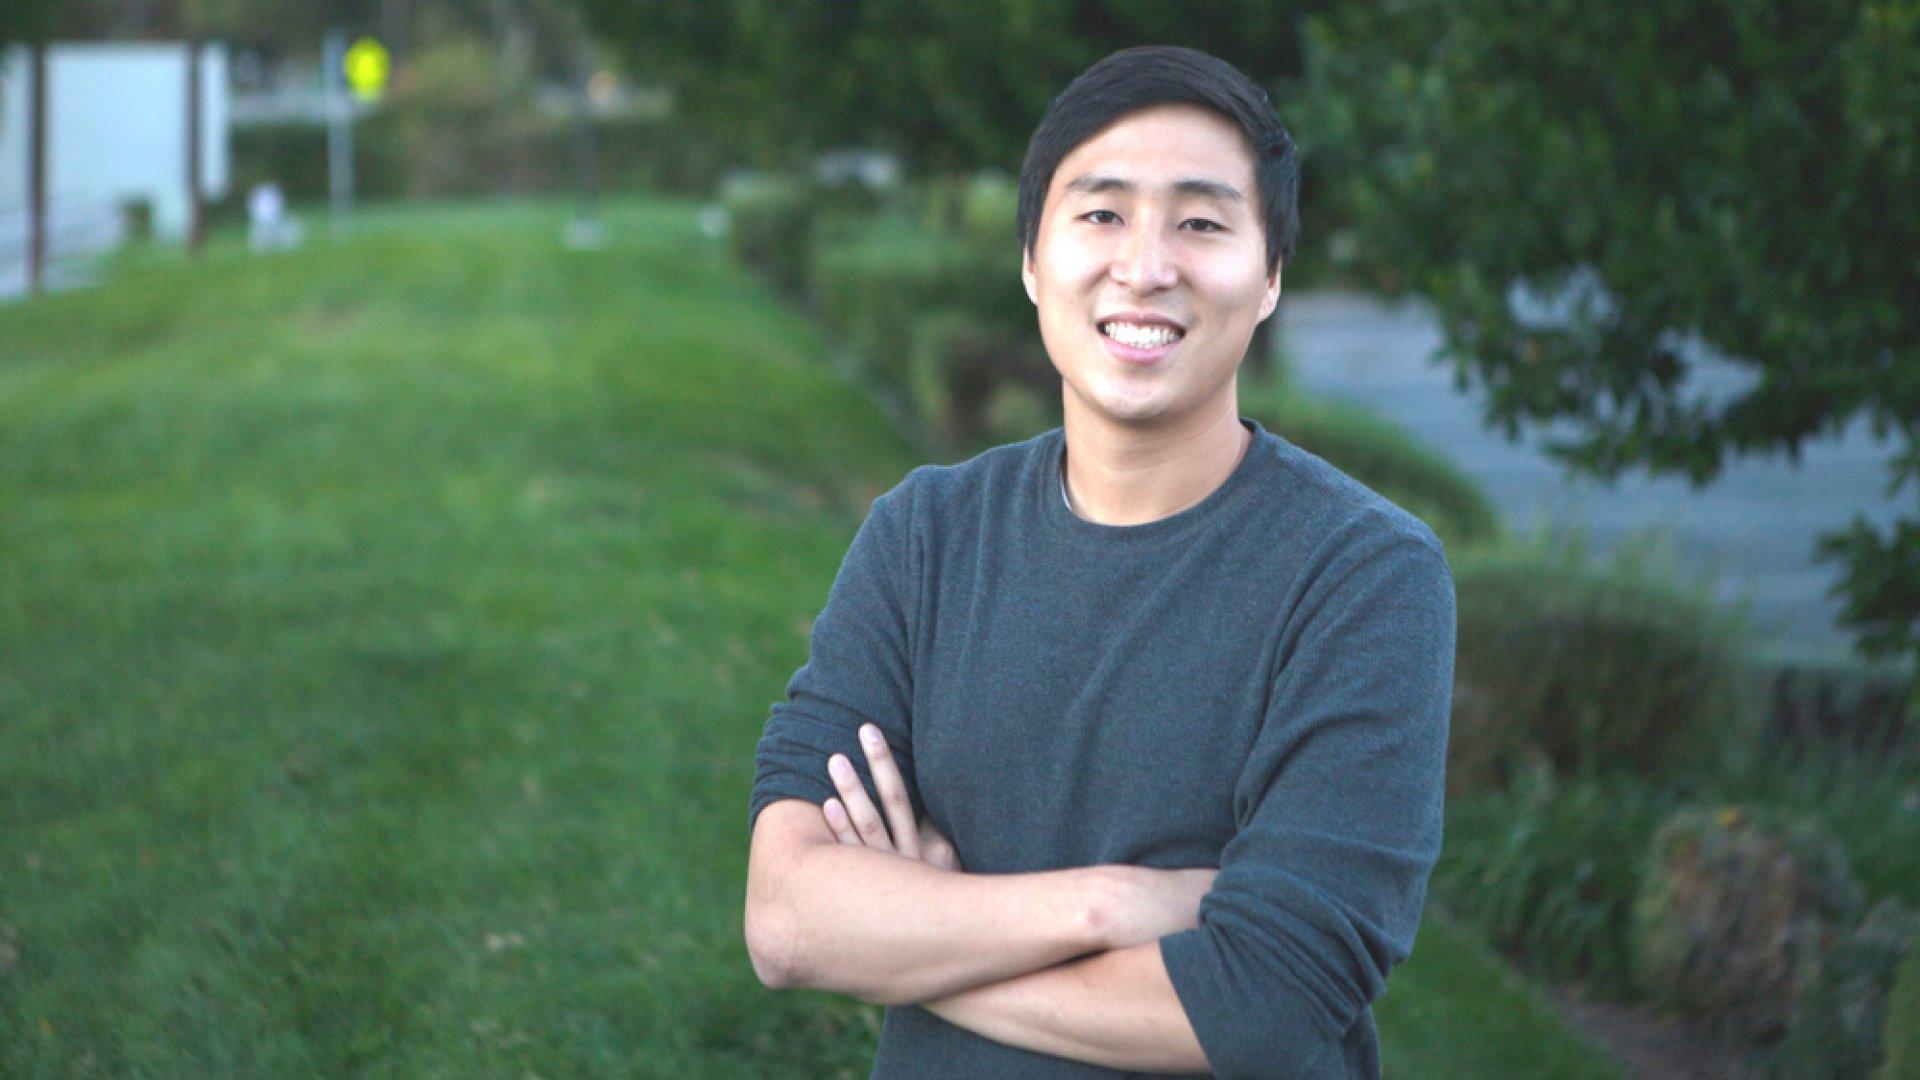 Kyu Lee, CEO of Wiselike.